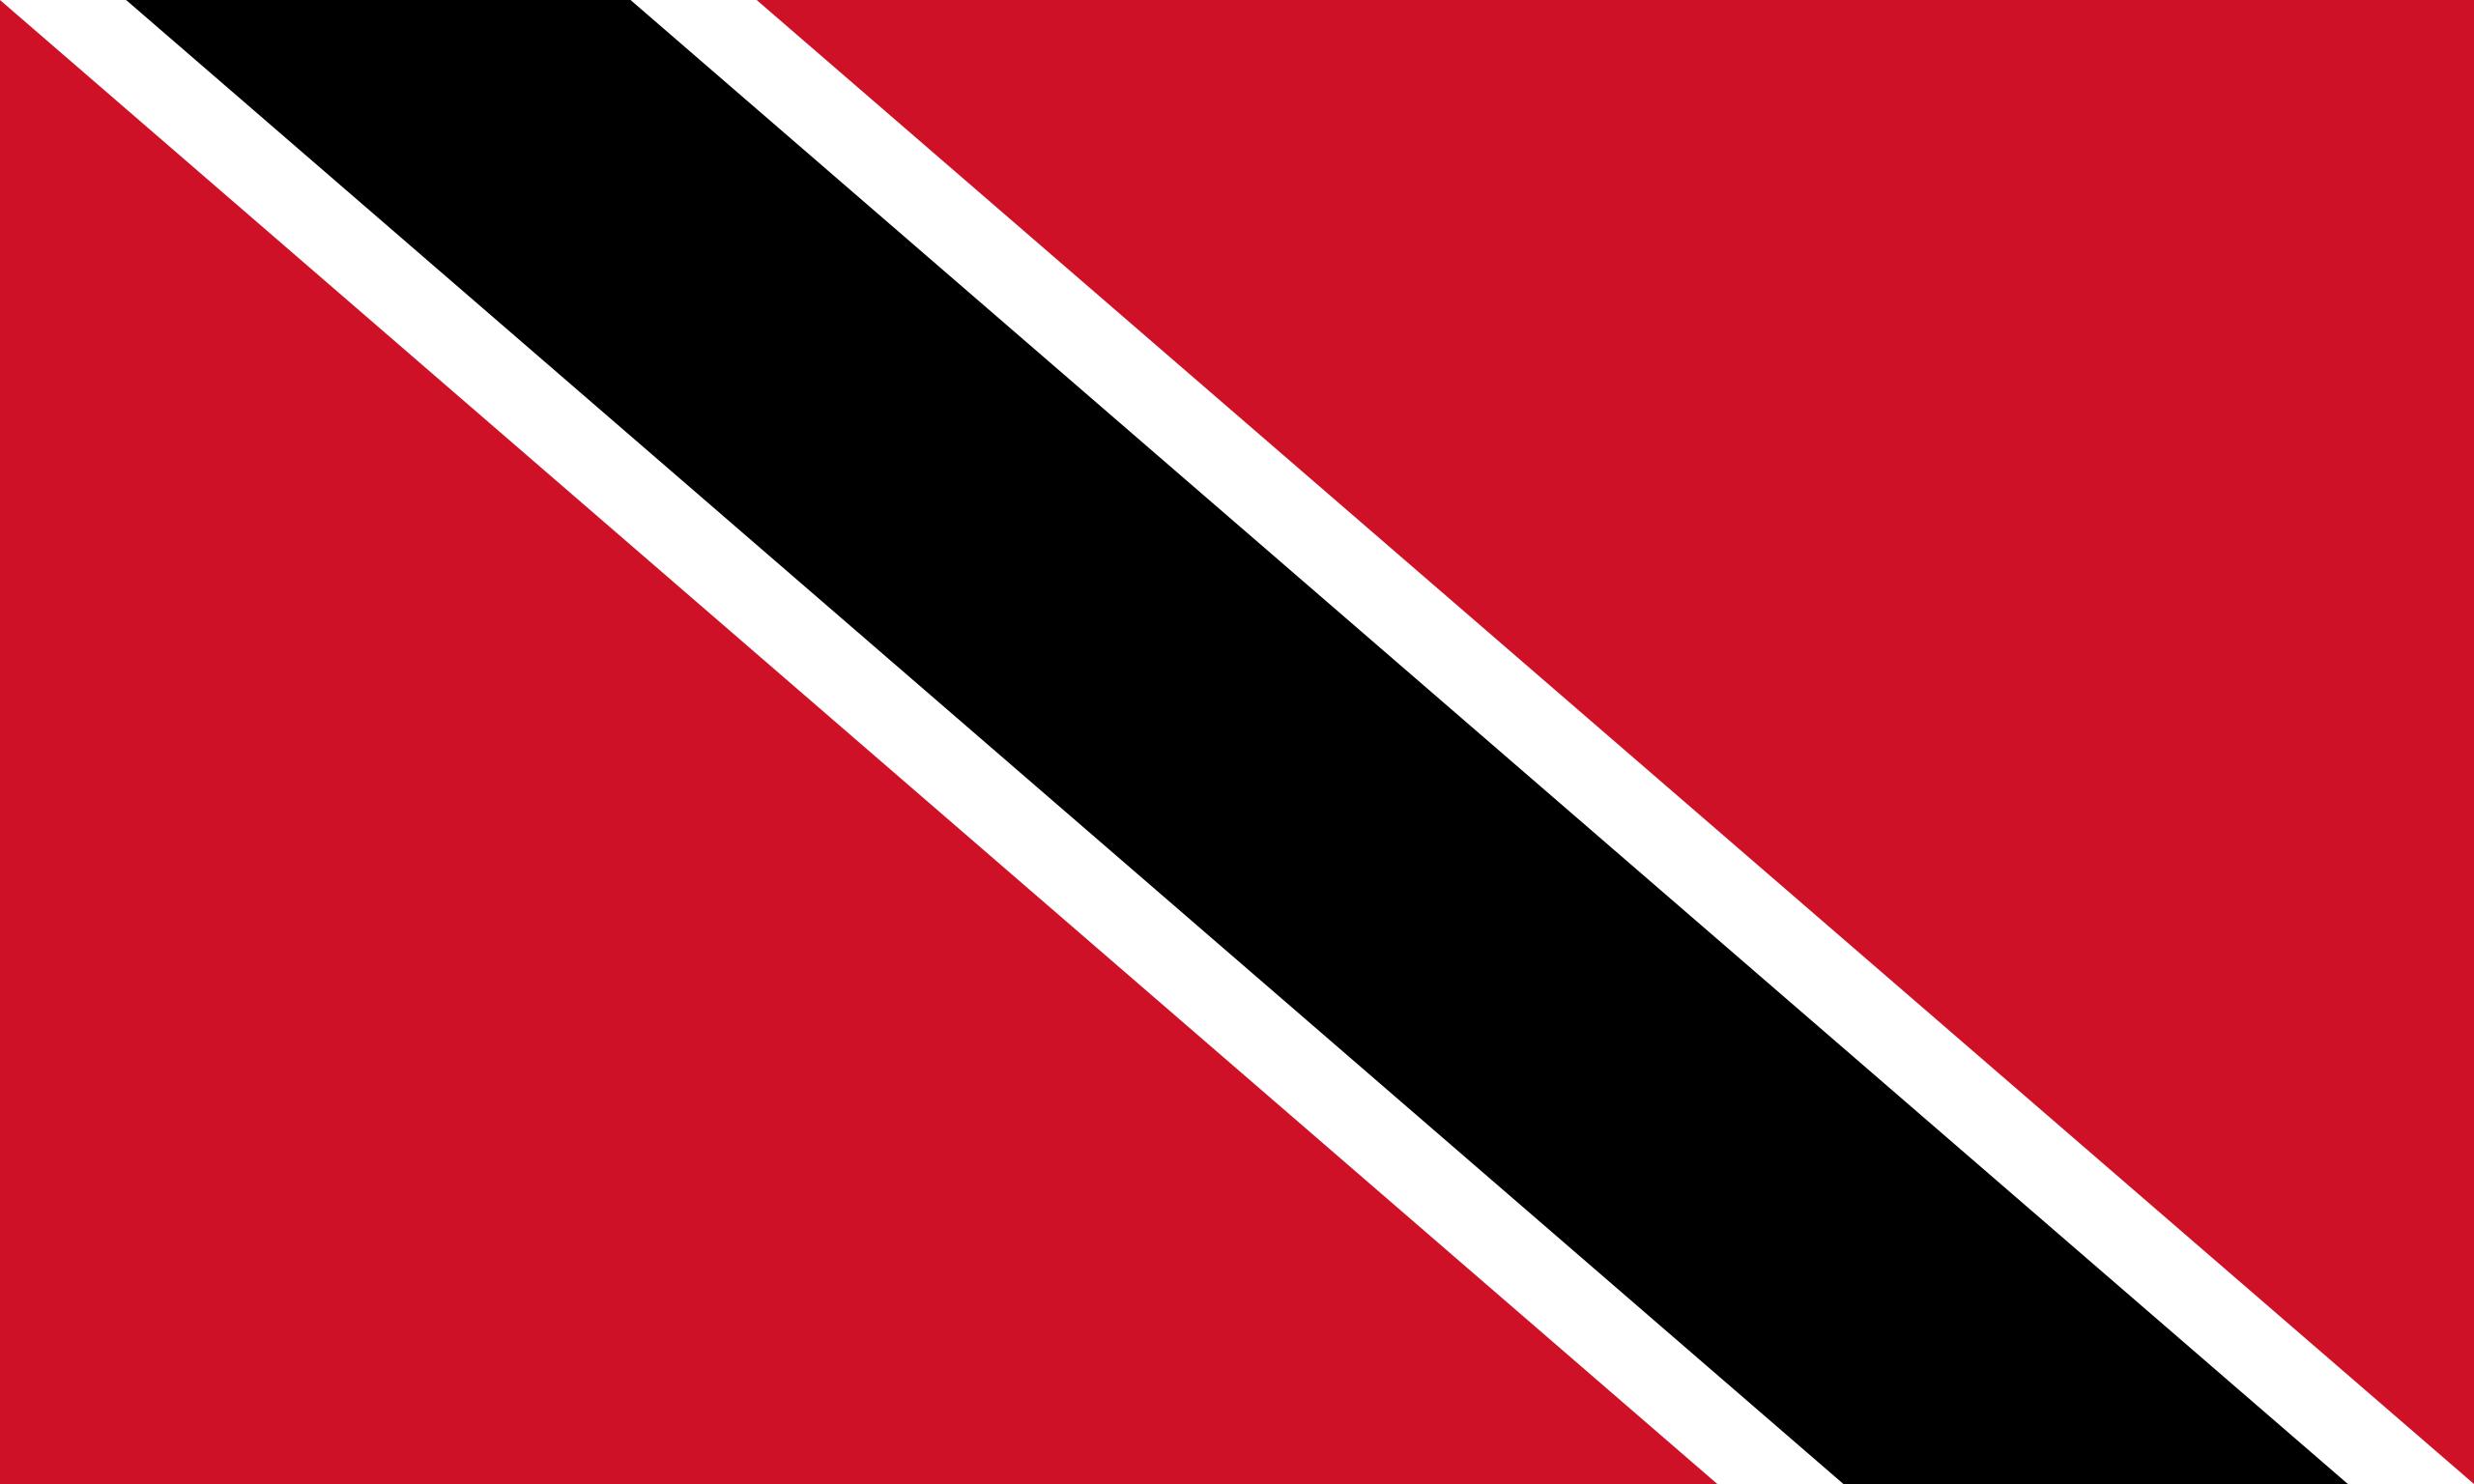 trinidad y tobago, país, emblema, insignia, símbolo - Fondos de Pantalla HD - professor-falken.com